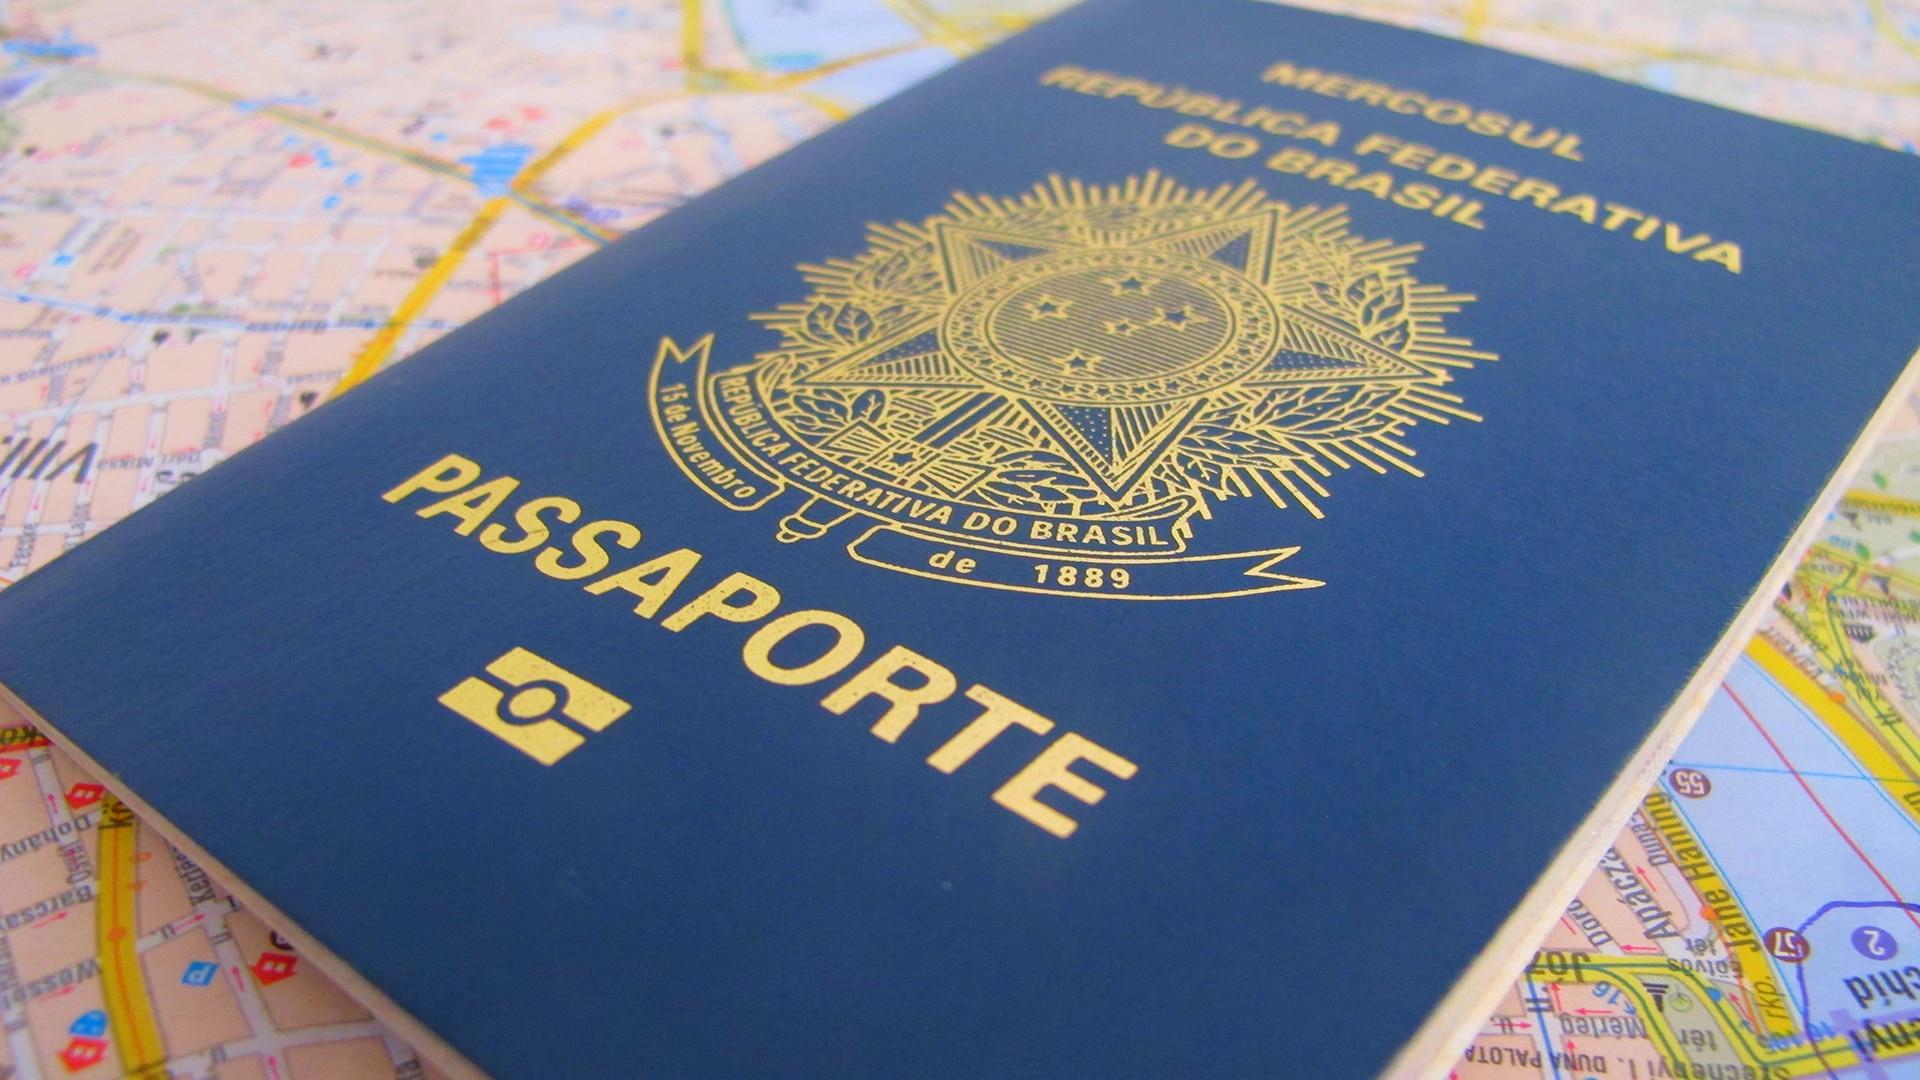 Como funciona a lei de imigração no Brasil?